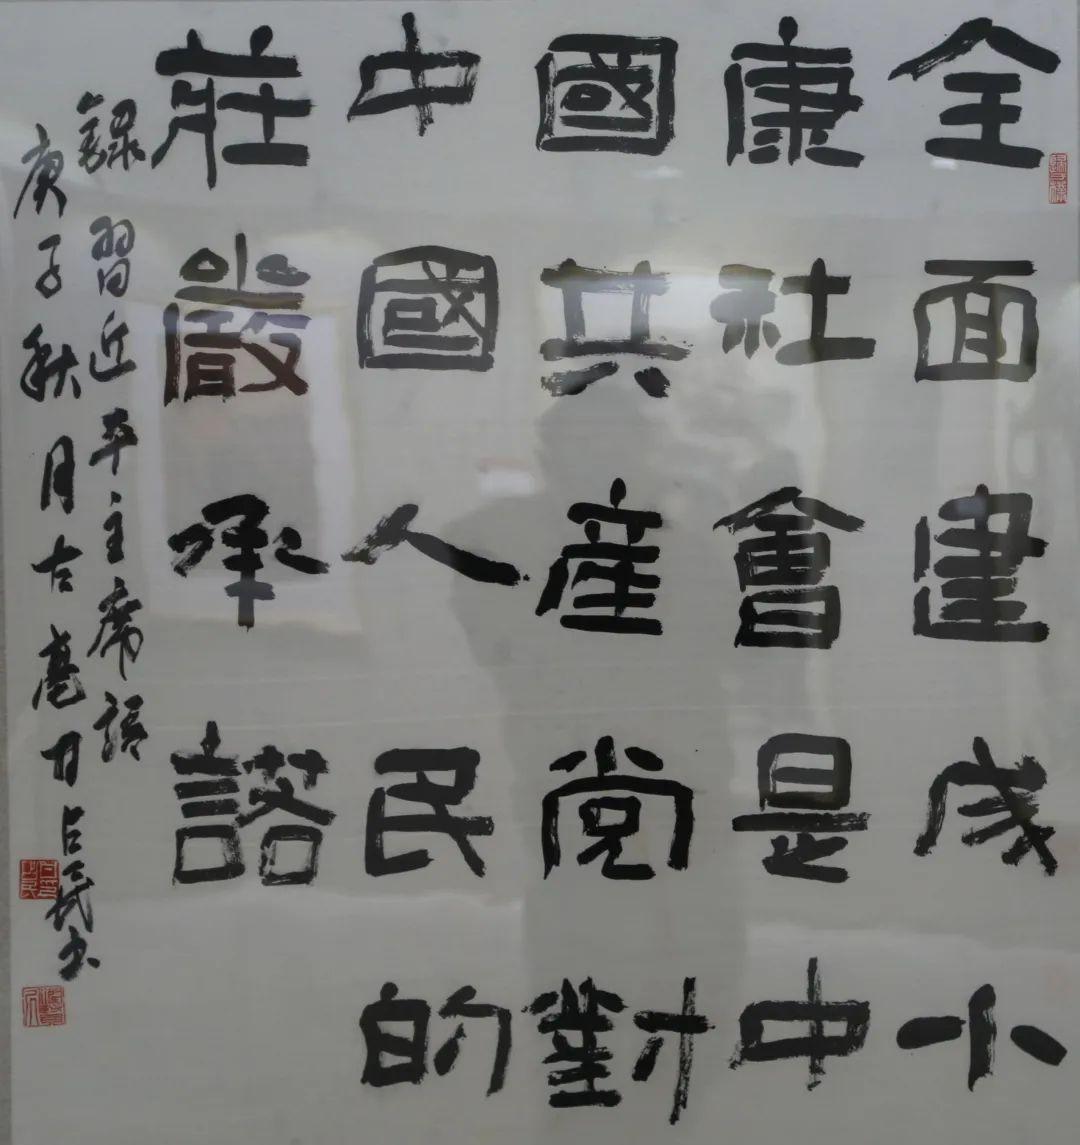 传承红色文化 携手共迎小康 苏皖两省六市书画展在蚌埠开幕(图29)